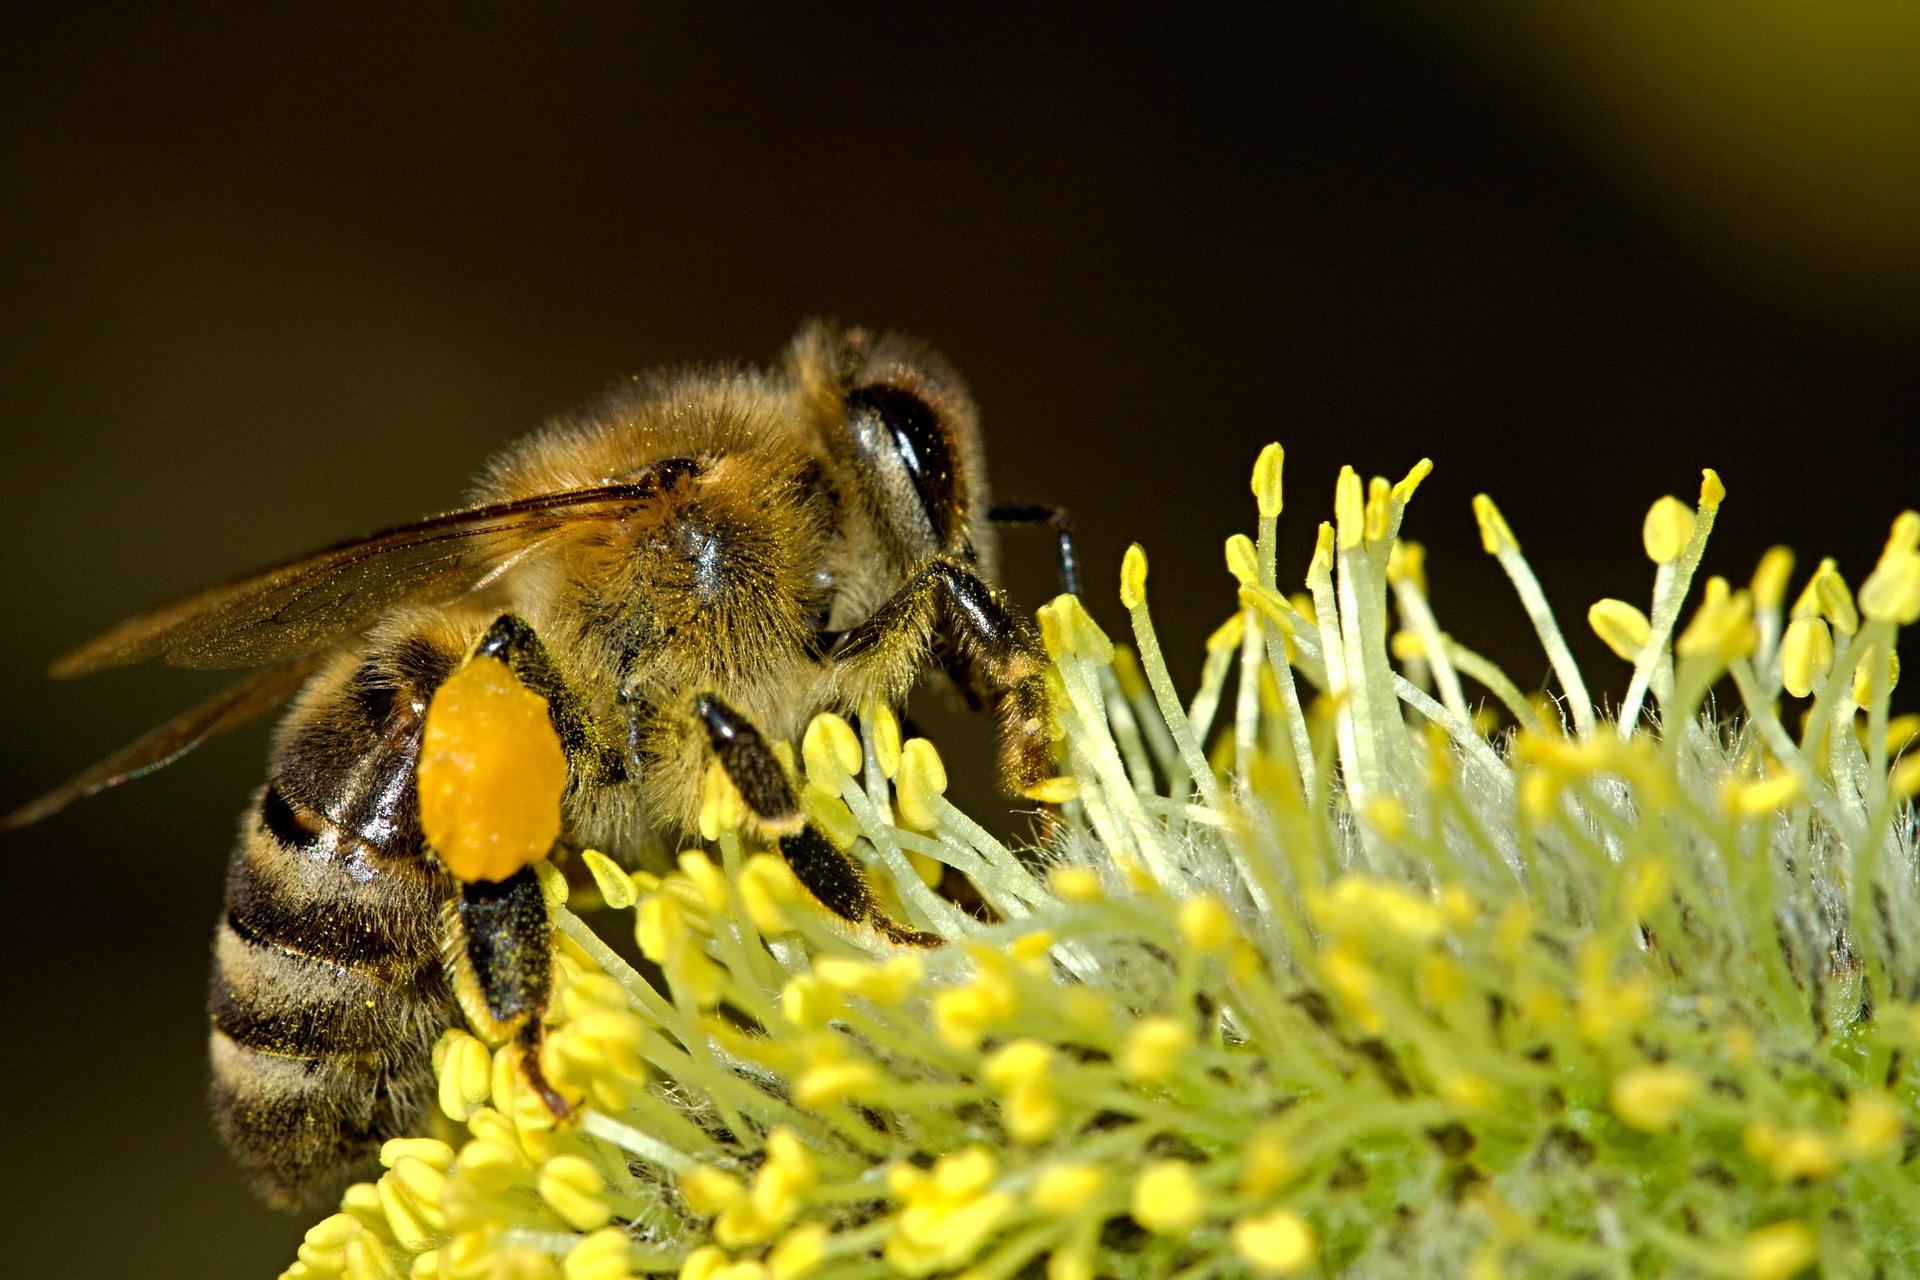 El experimento permitirá a los biólogos comprender mejor el comportamiento de las especies involucradas. (Foto Prensa Libre: Pixabay)